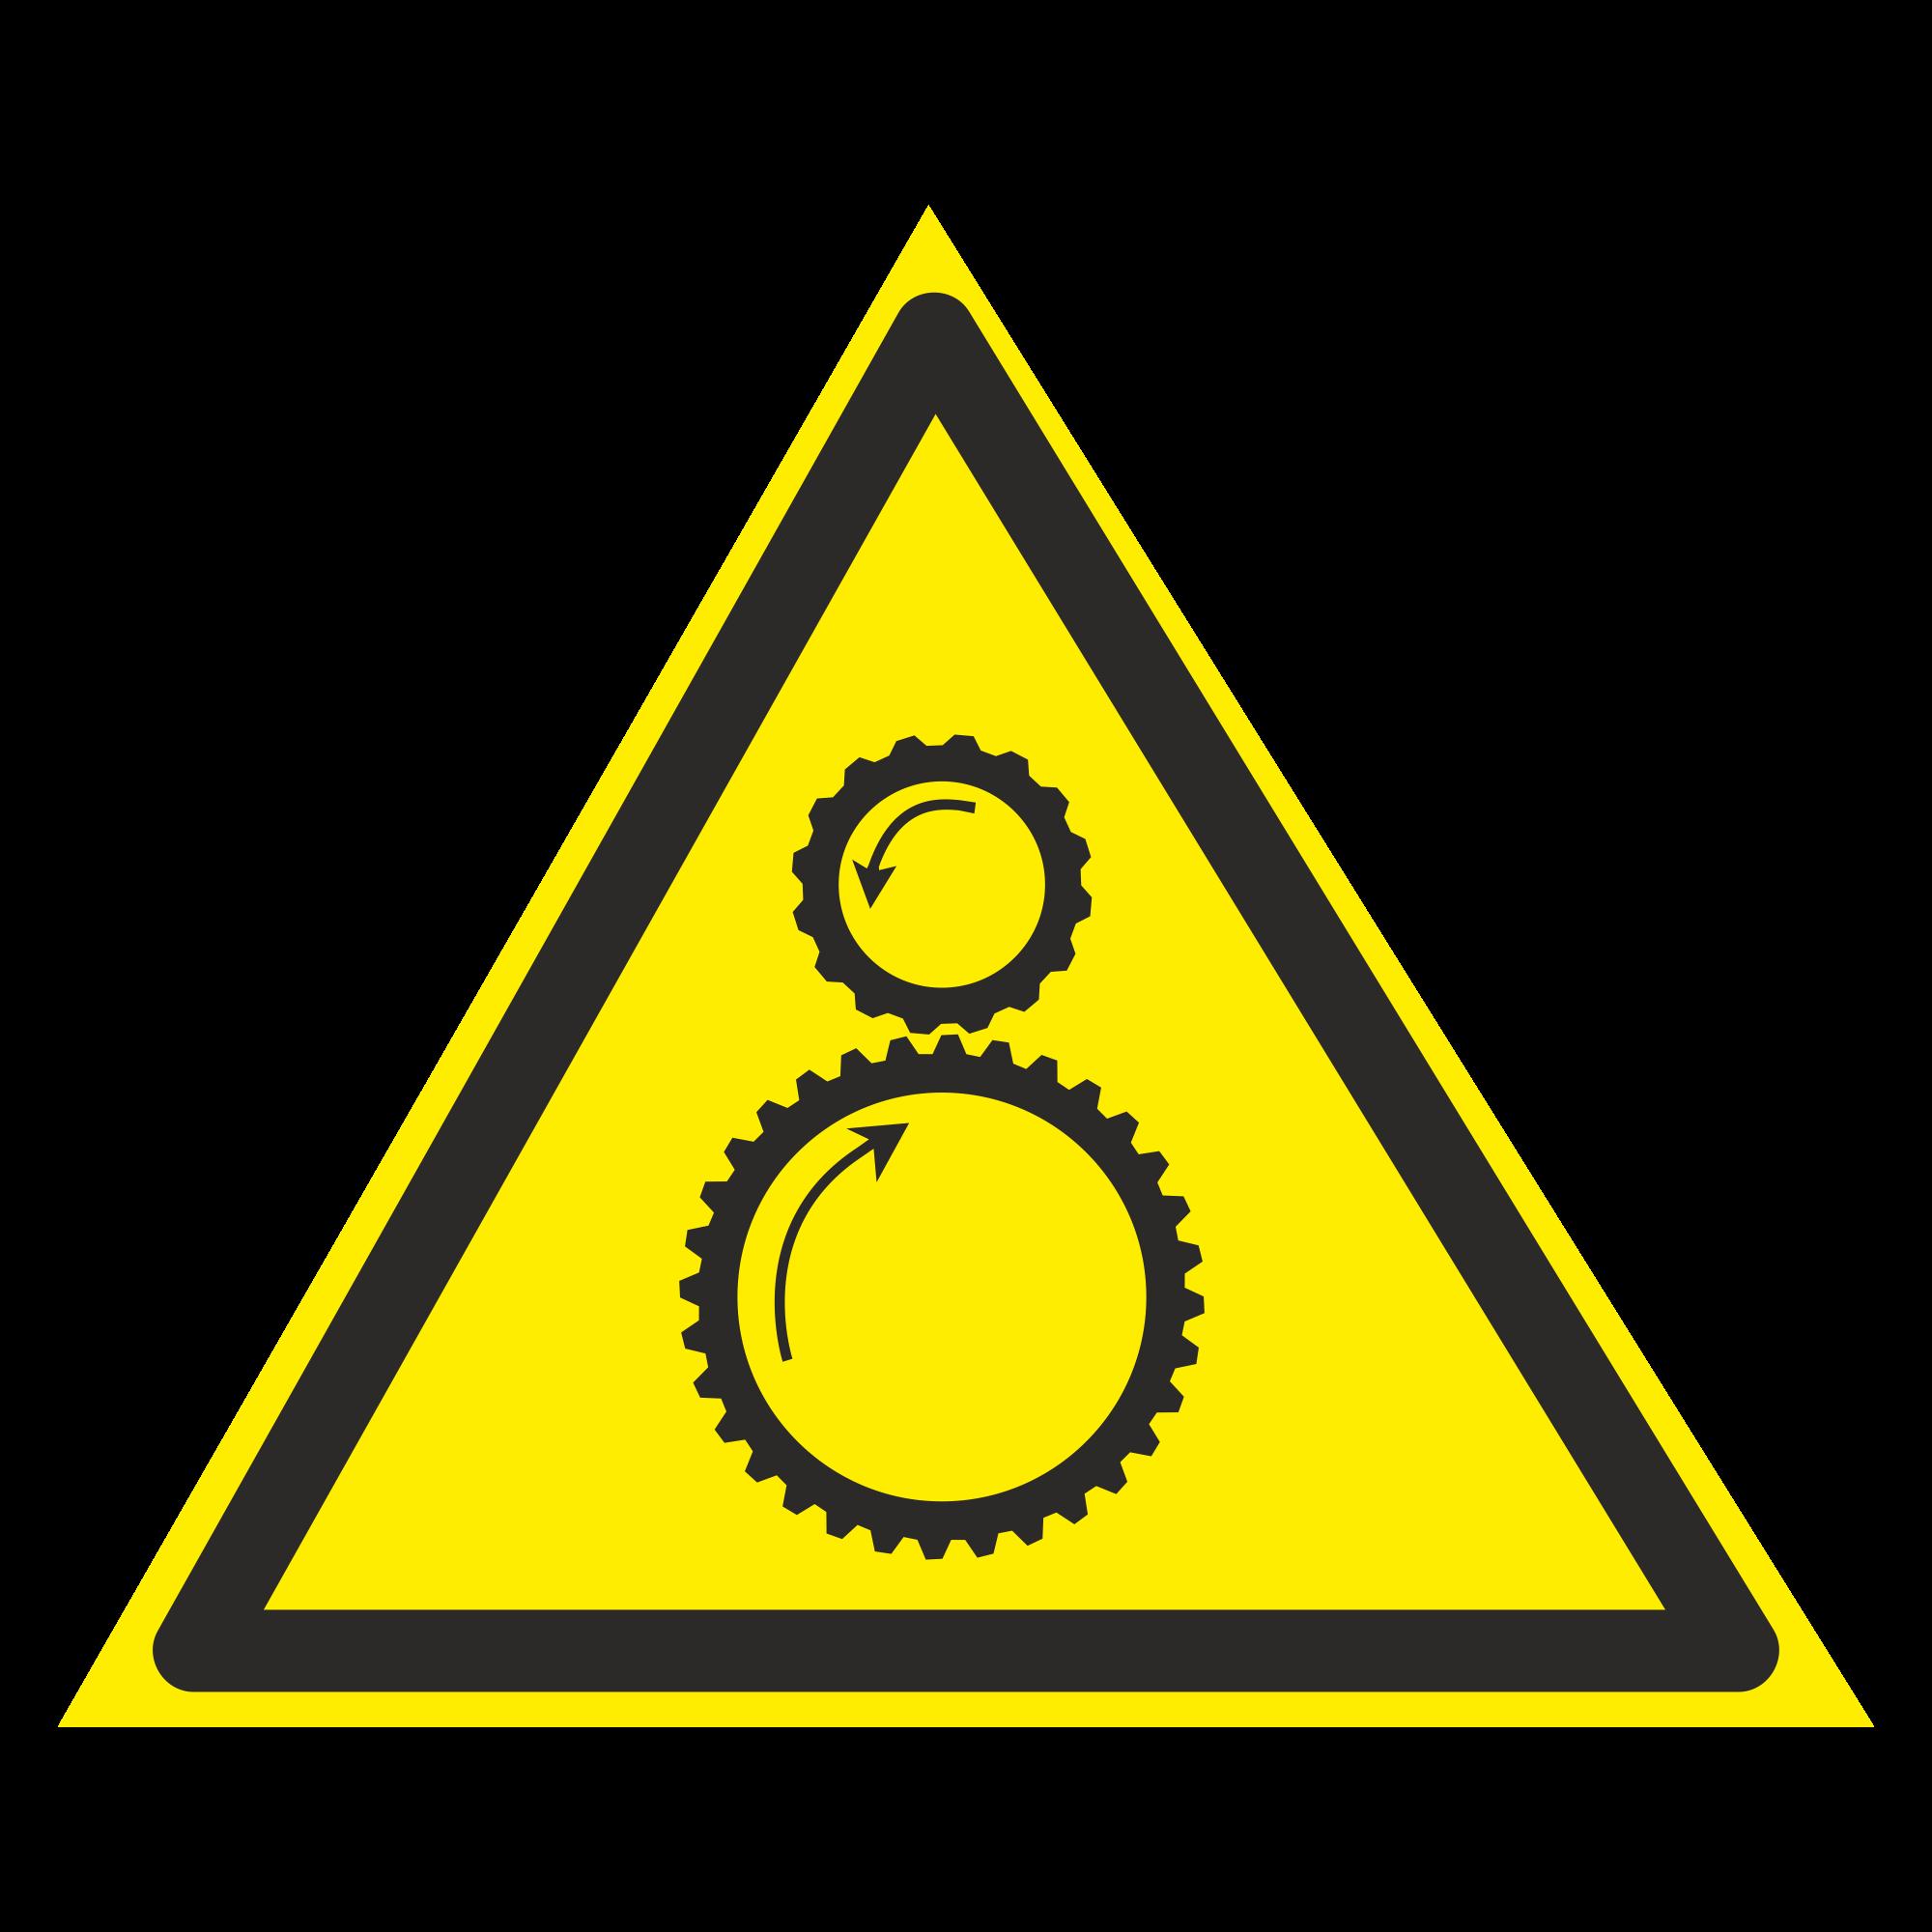 W29 Осторожно. Возможно затягивание между вращающимися элементами